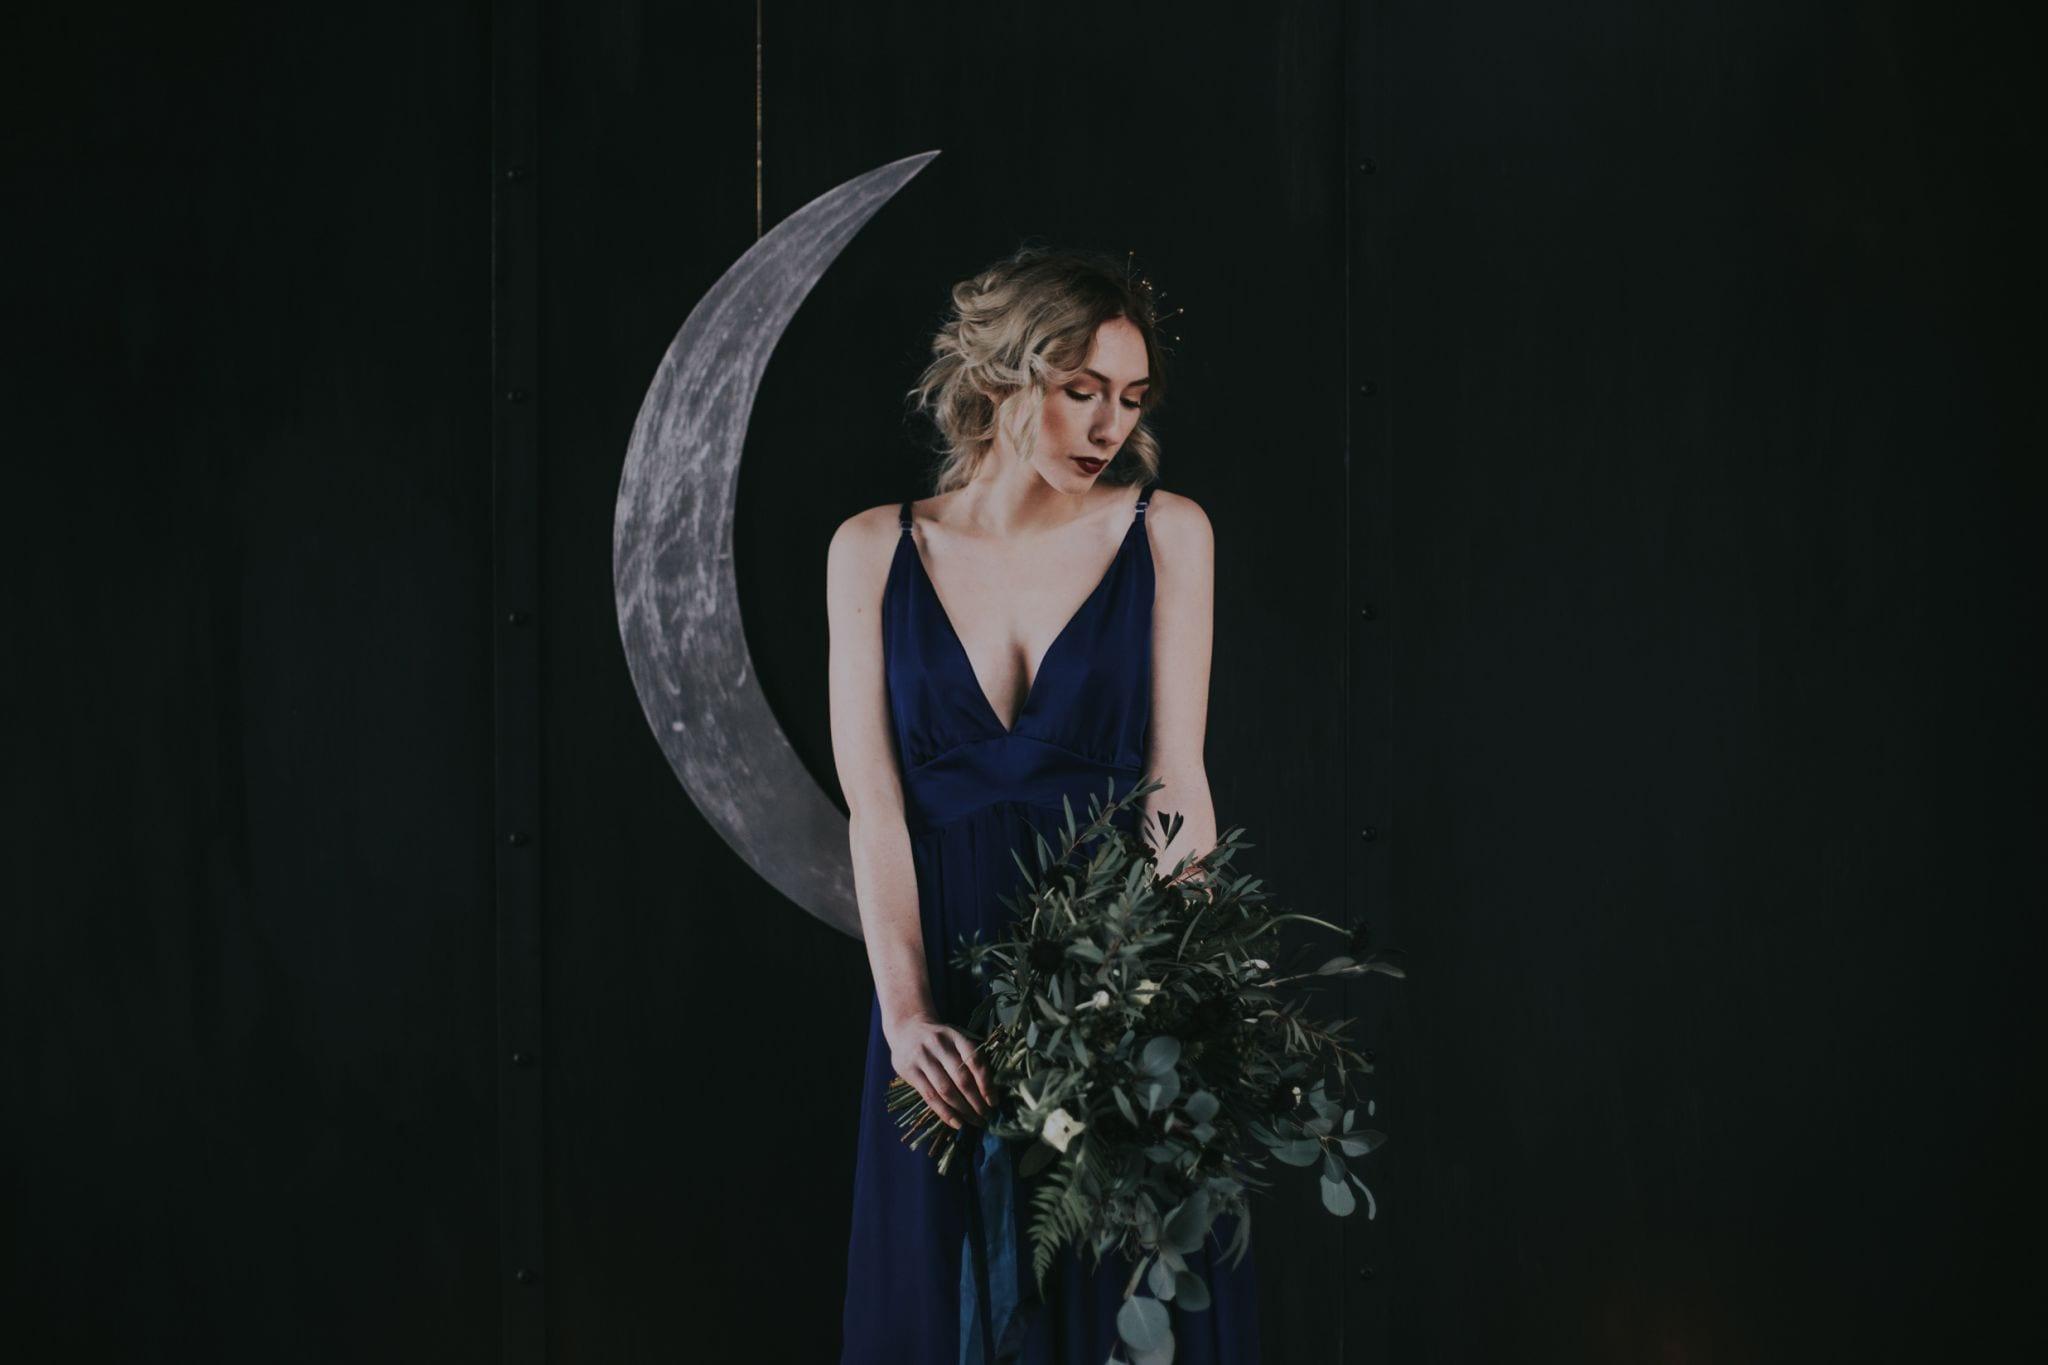 MoonLove 15